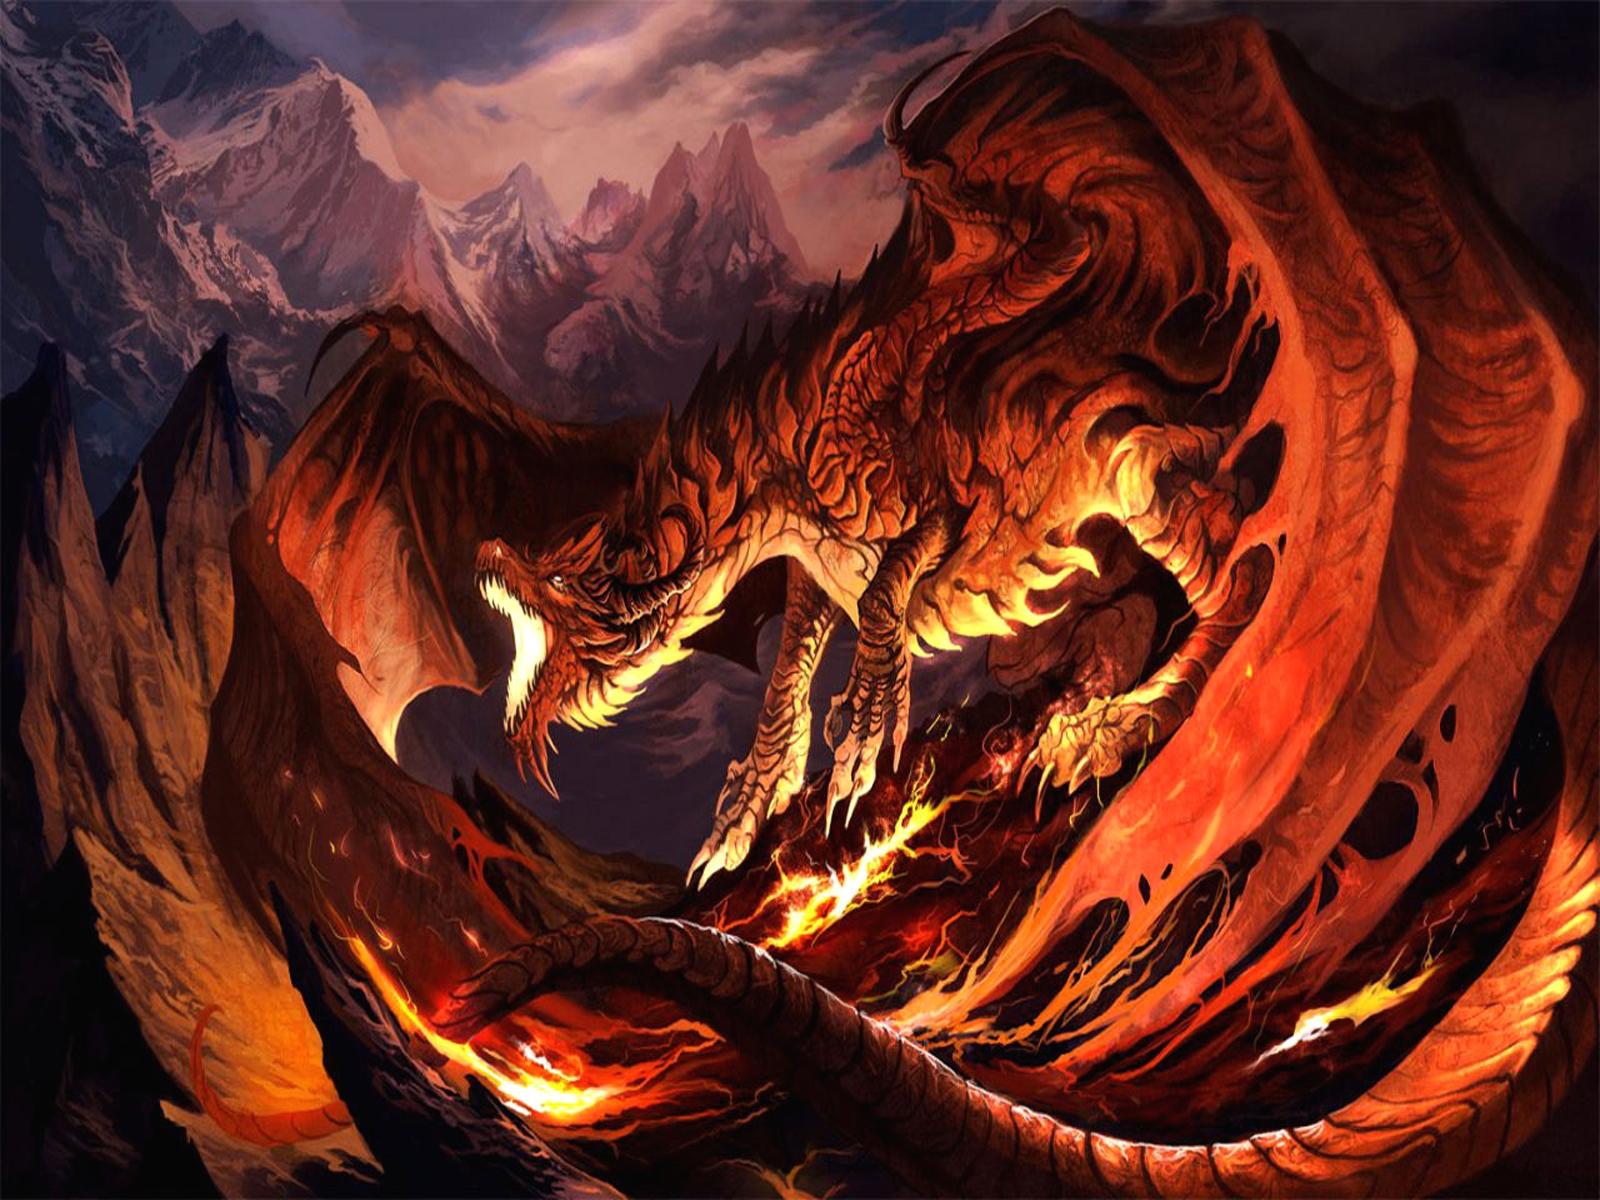 Fire Dragon Wallpaper 1600x1200